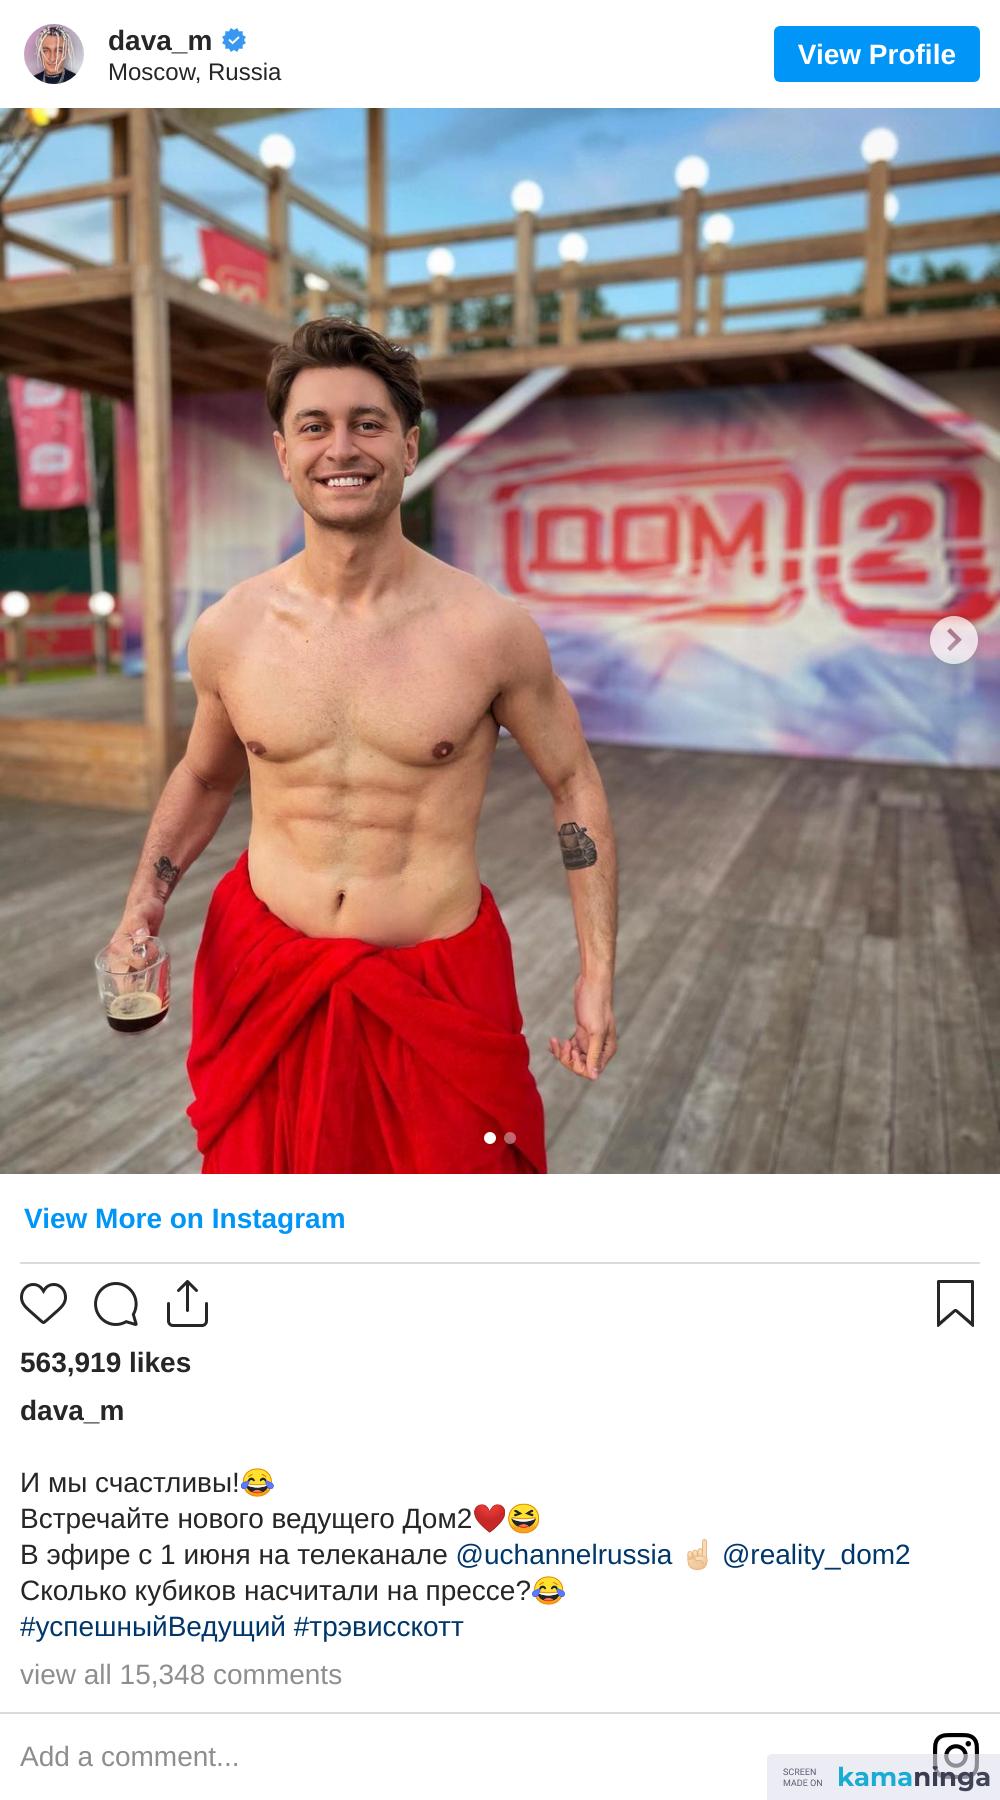 https://www.instagram.com/p/CPaSuJolm5t/